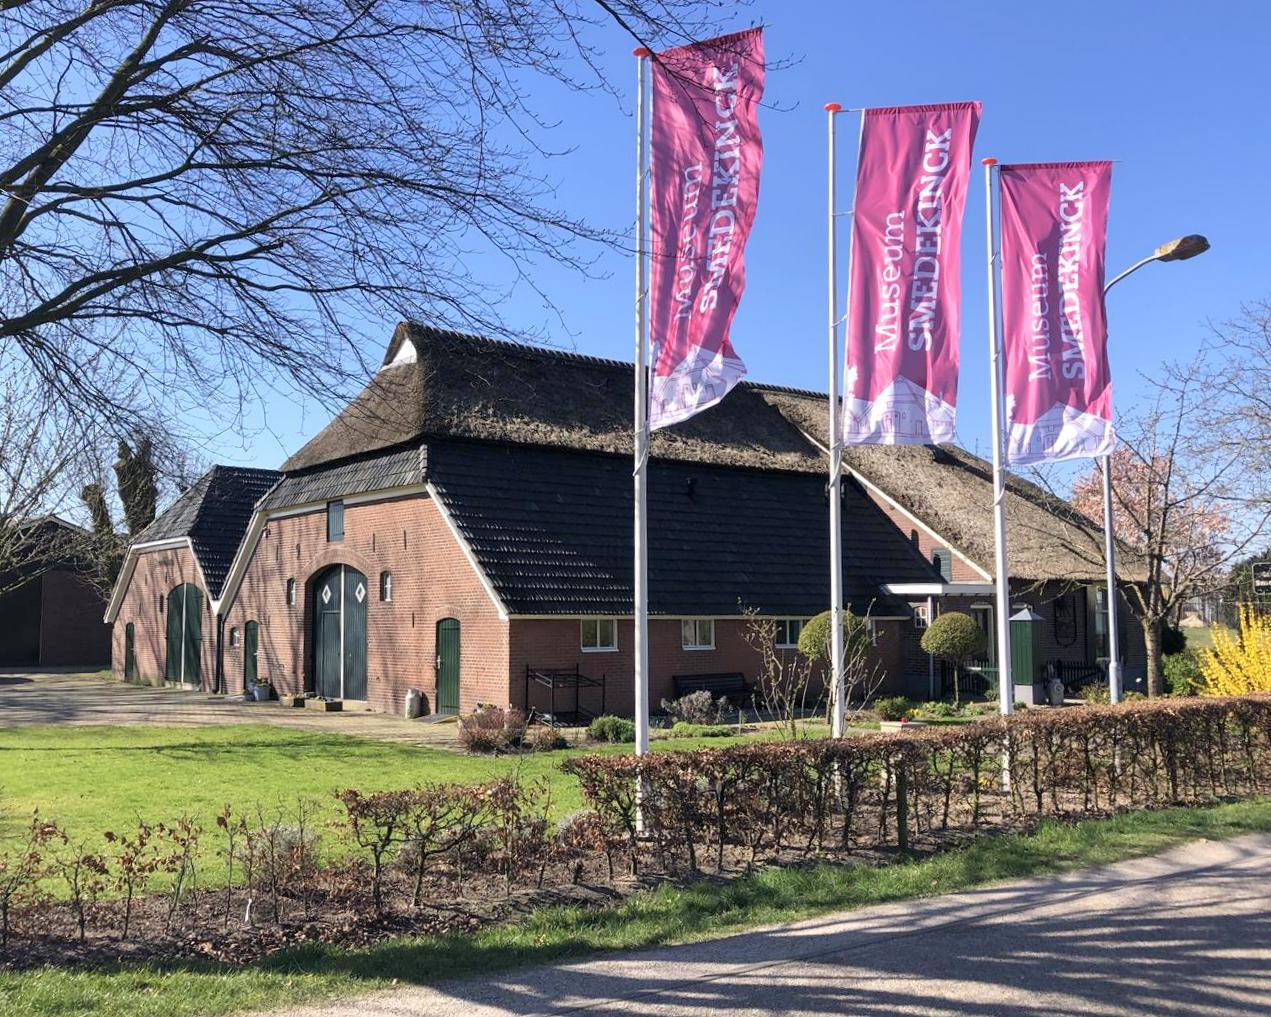 Pluimersdijk 5 Zelhem Museum Smedekinck